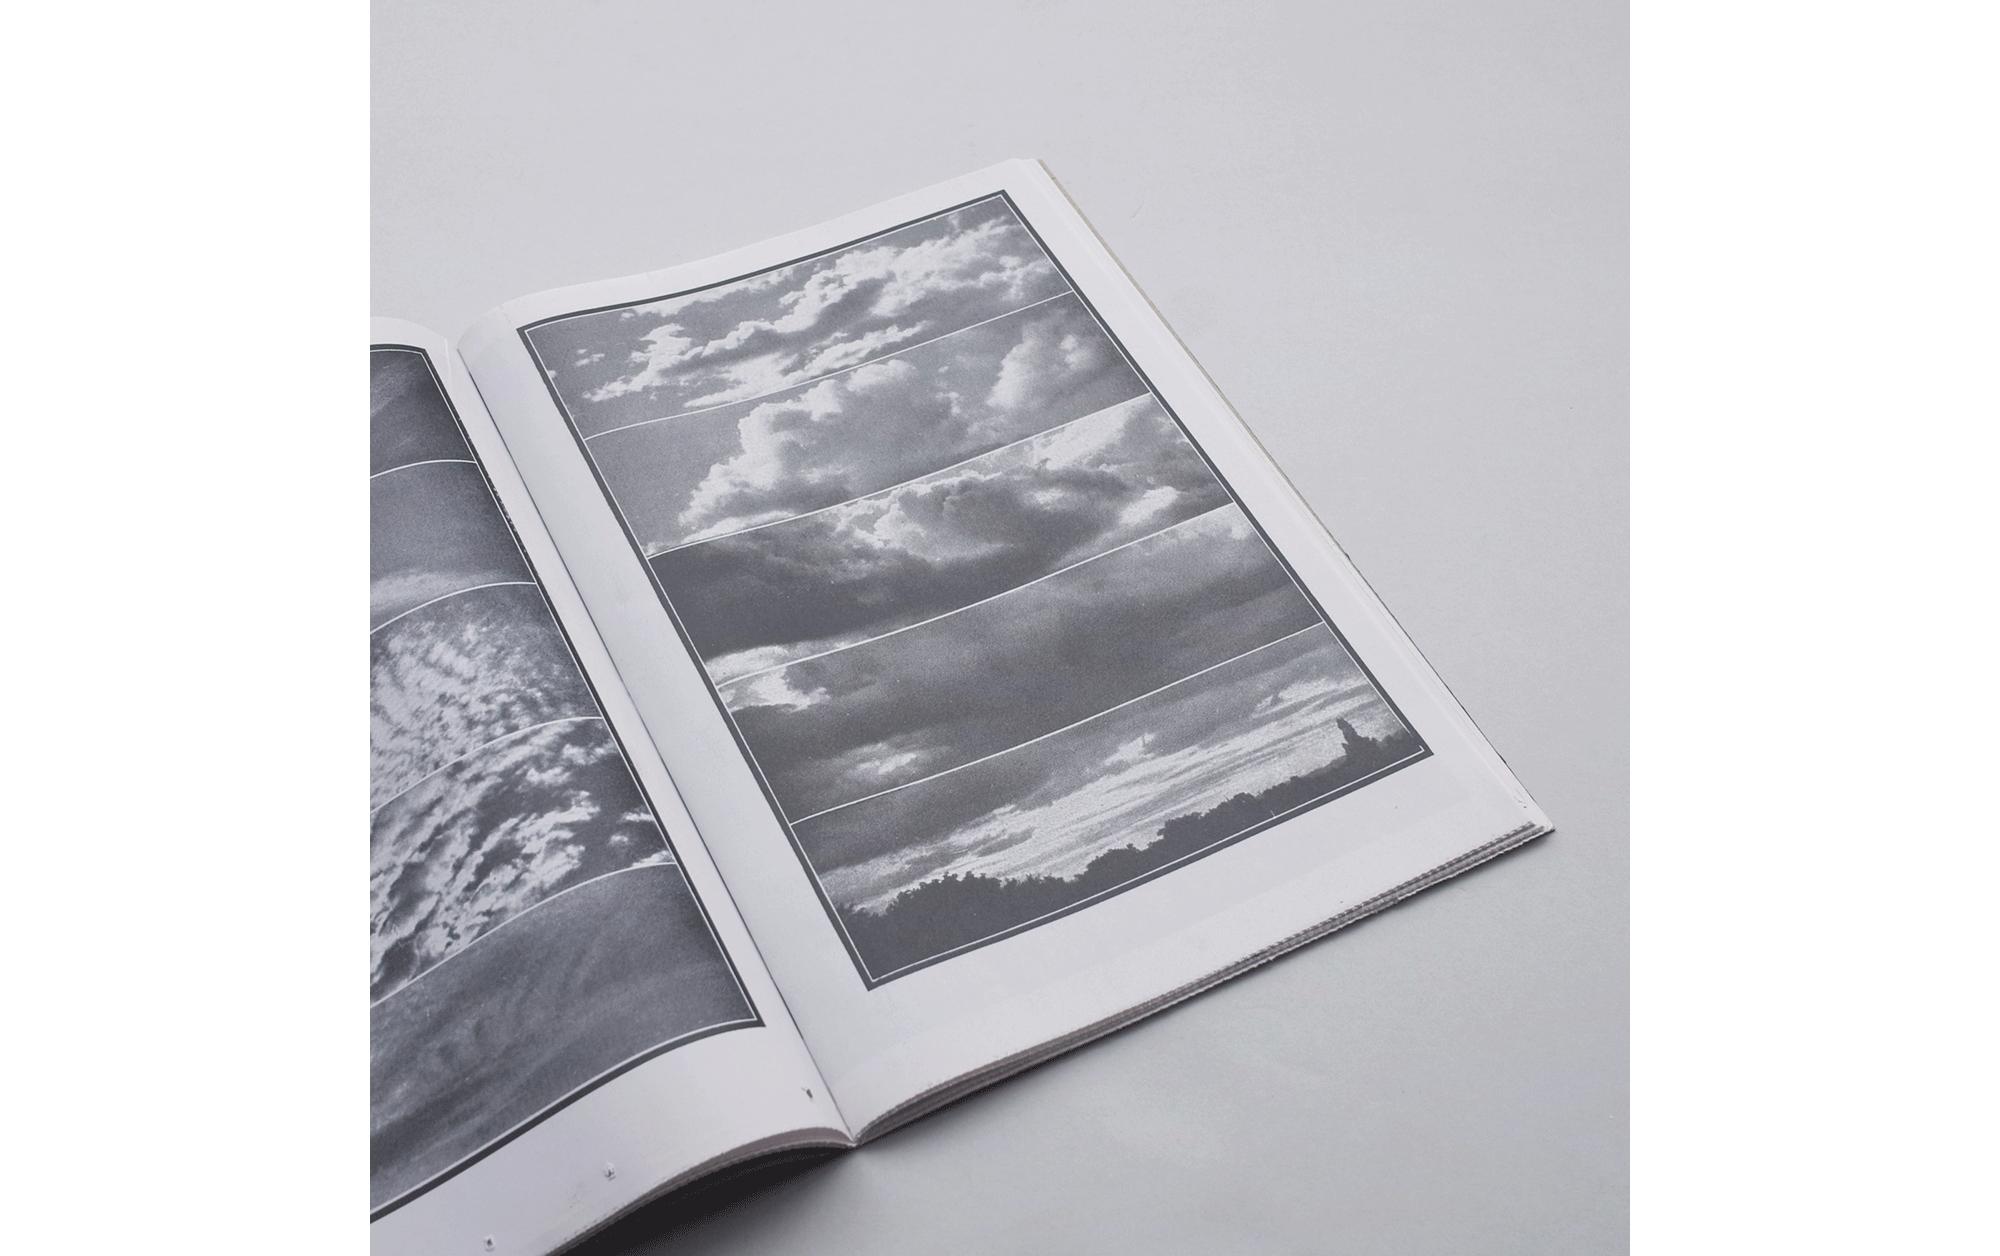 書店員がピックアップする6月のおすすめ写真集【POST編】 | バティア・スーター『Cloud Service』